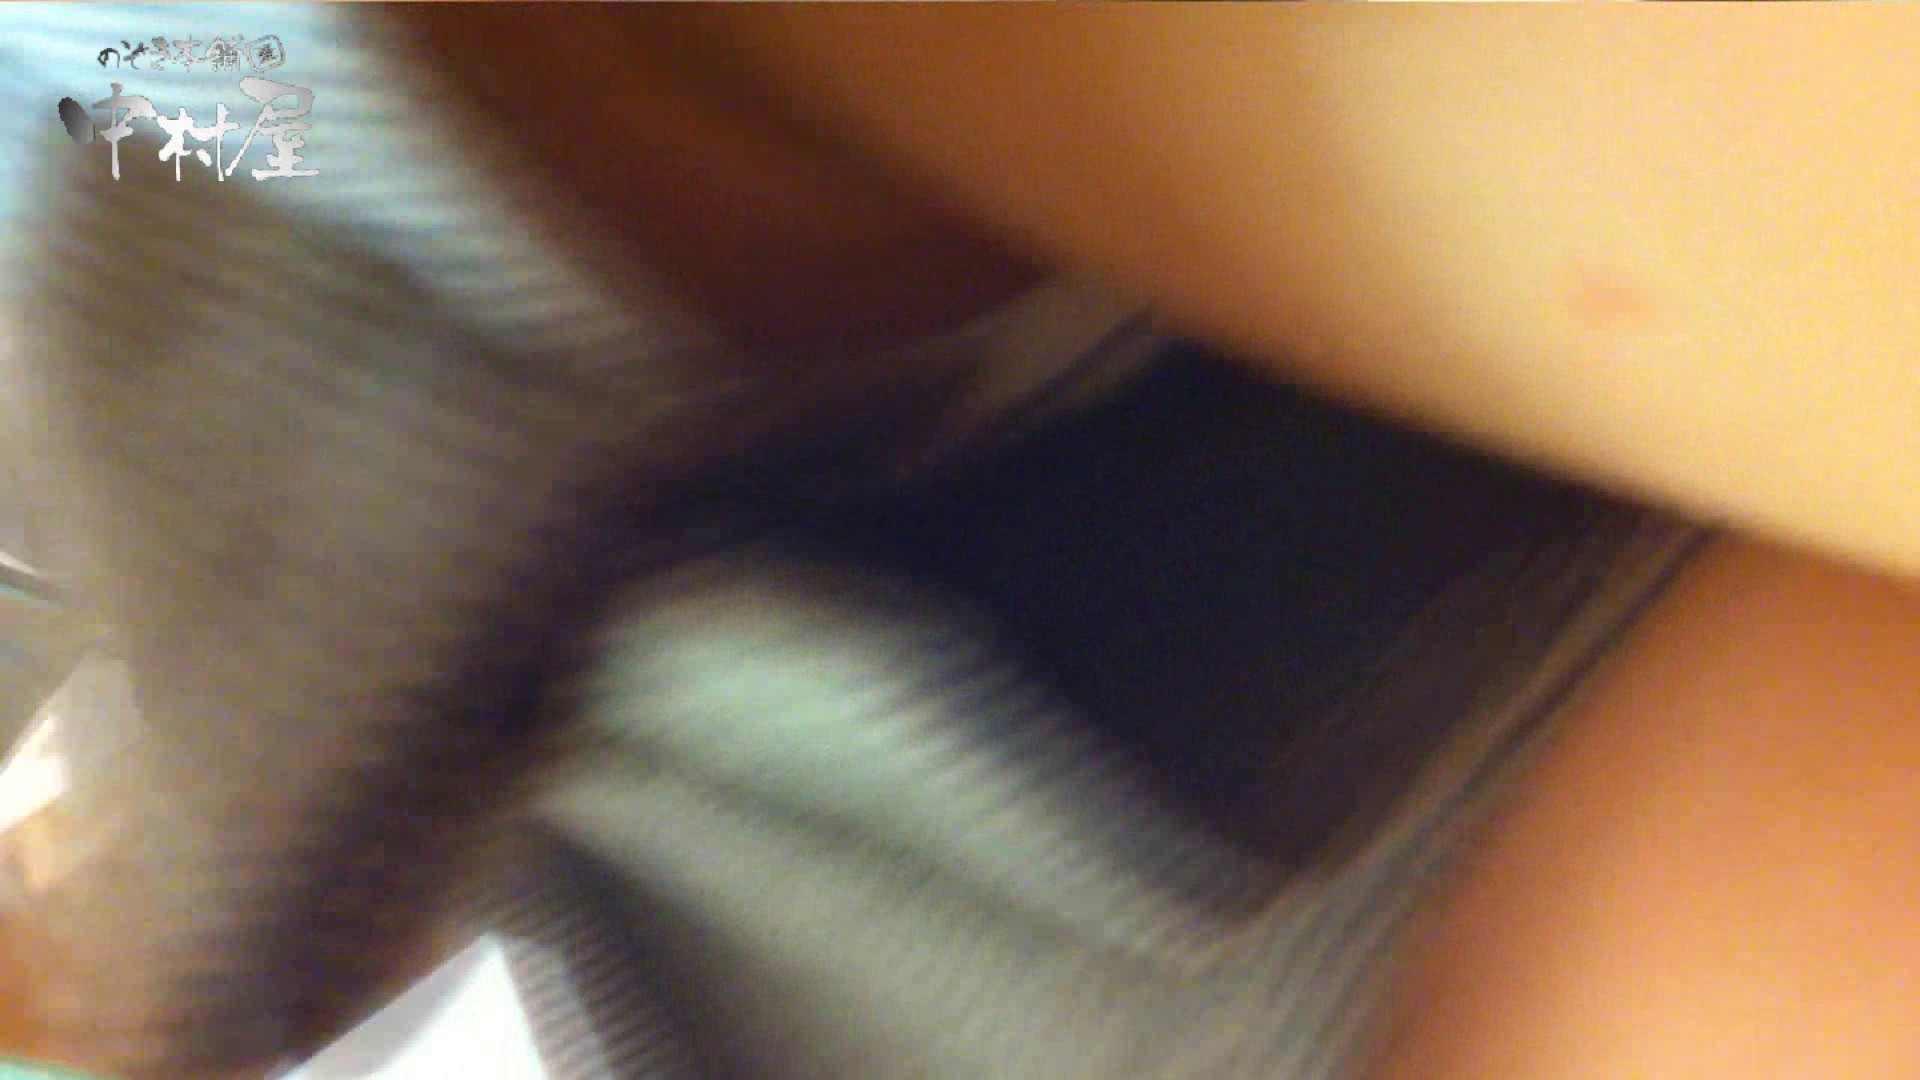 vol.45 可愛いカリスマ店員限定‼胸チラ&パンチラ 食い込みミッキーマウス! 接写 | HなOL  52pic 8